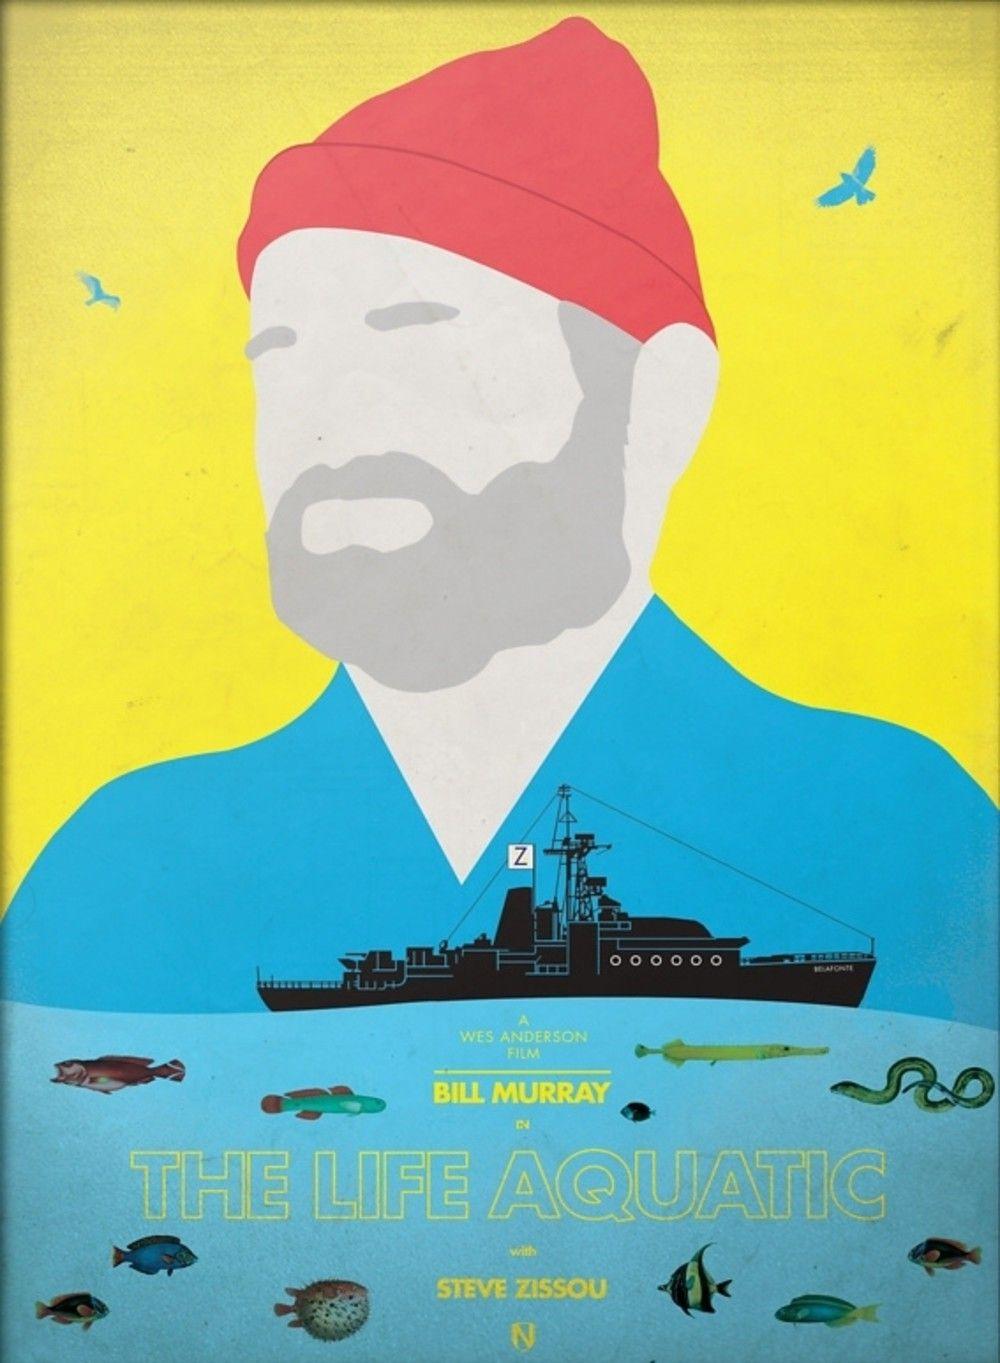 Affiches Posters Et Images De La Vie Aquatique 2004 La Vie Aquatique Image De La Vie Poster Affiche